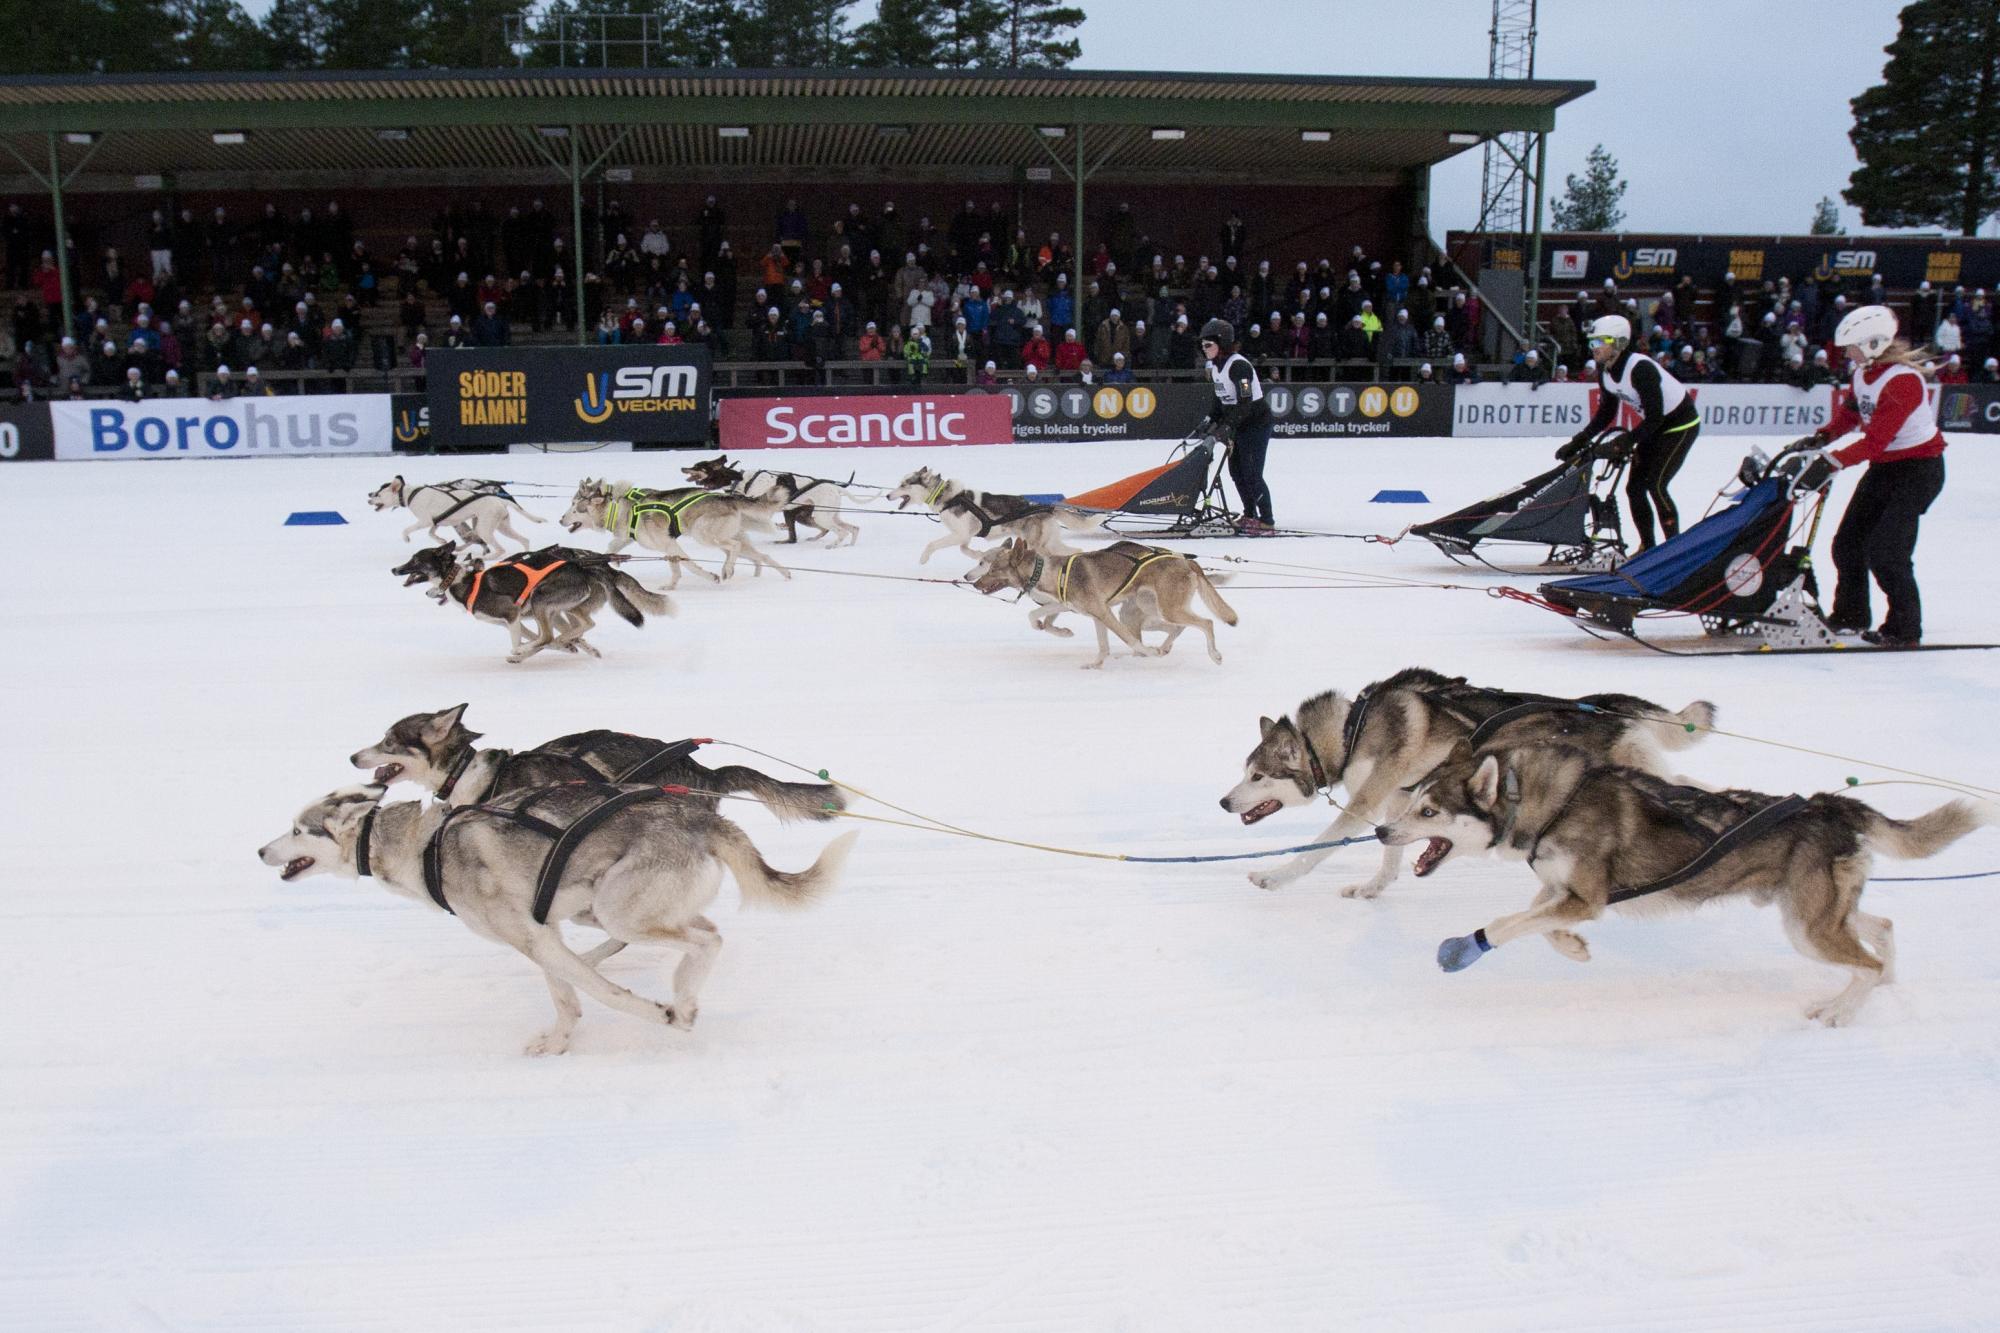 Förra årets masstart, fyrspann, för slädhundar. Malin Granqvist vann då klassen för C-hundar.